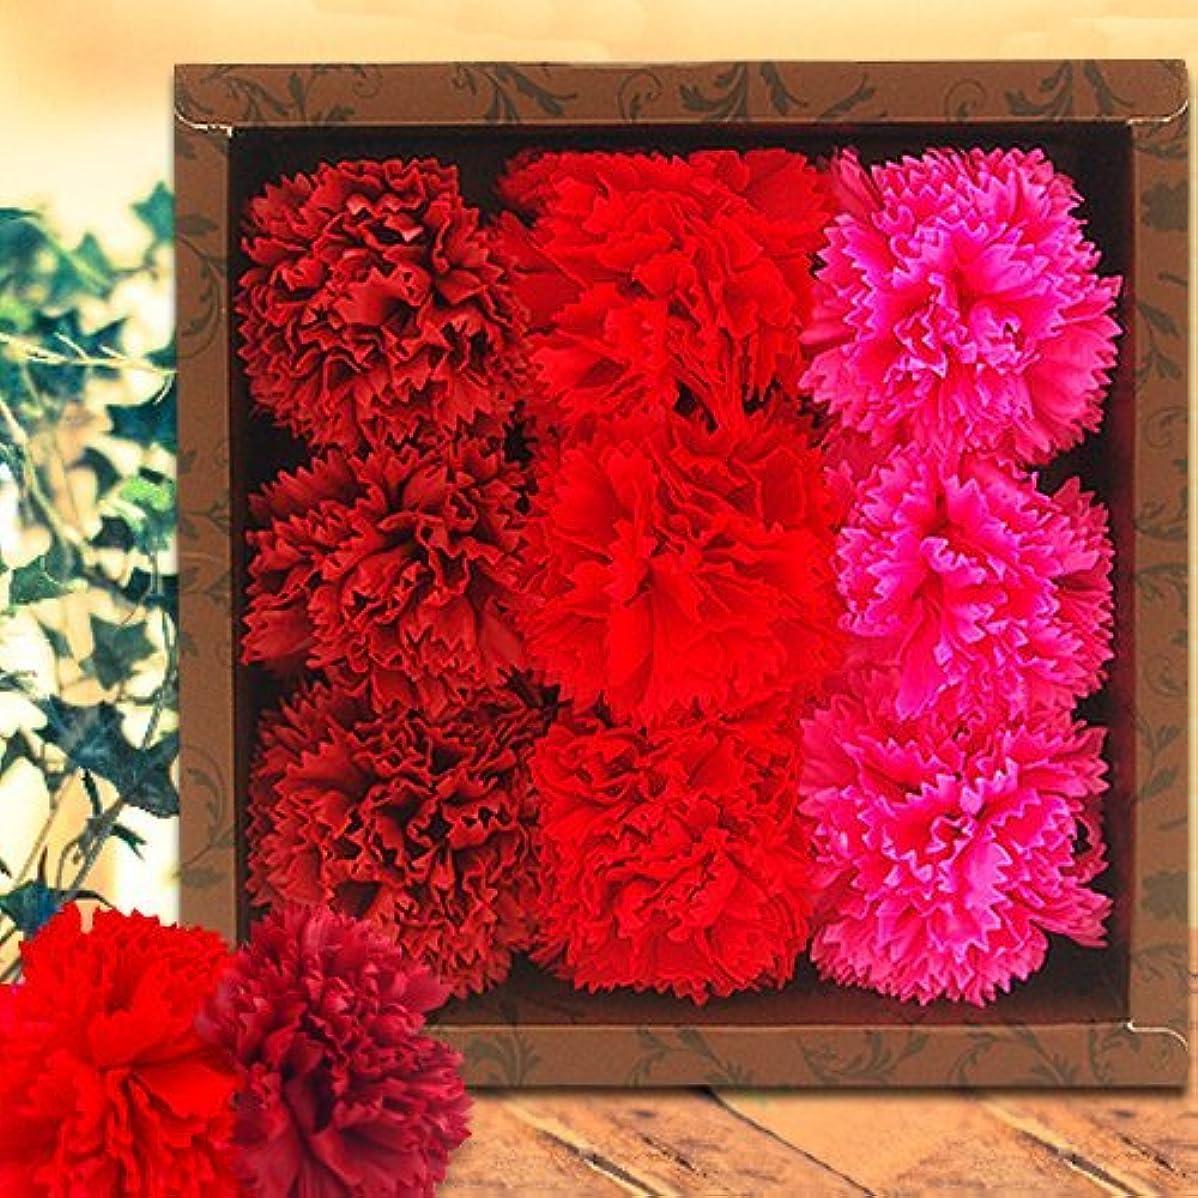 オーブン恨み積分フラワーフレグランス(Carnation/Red)